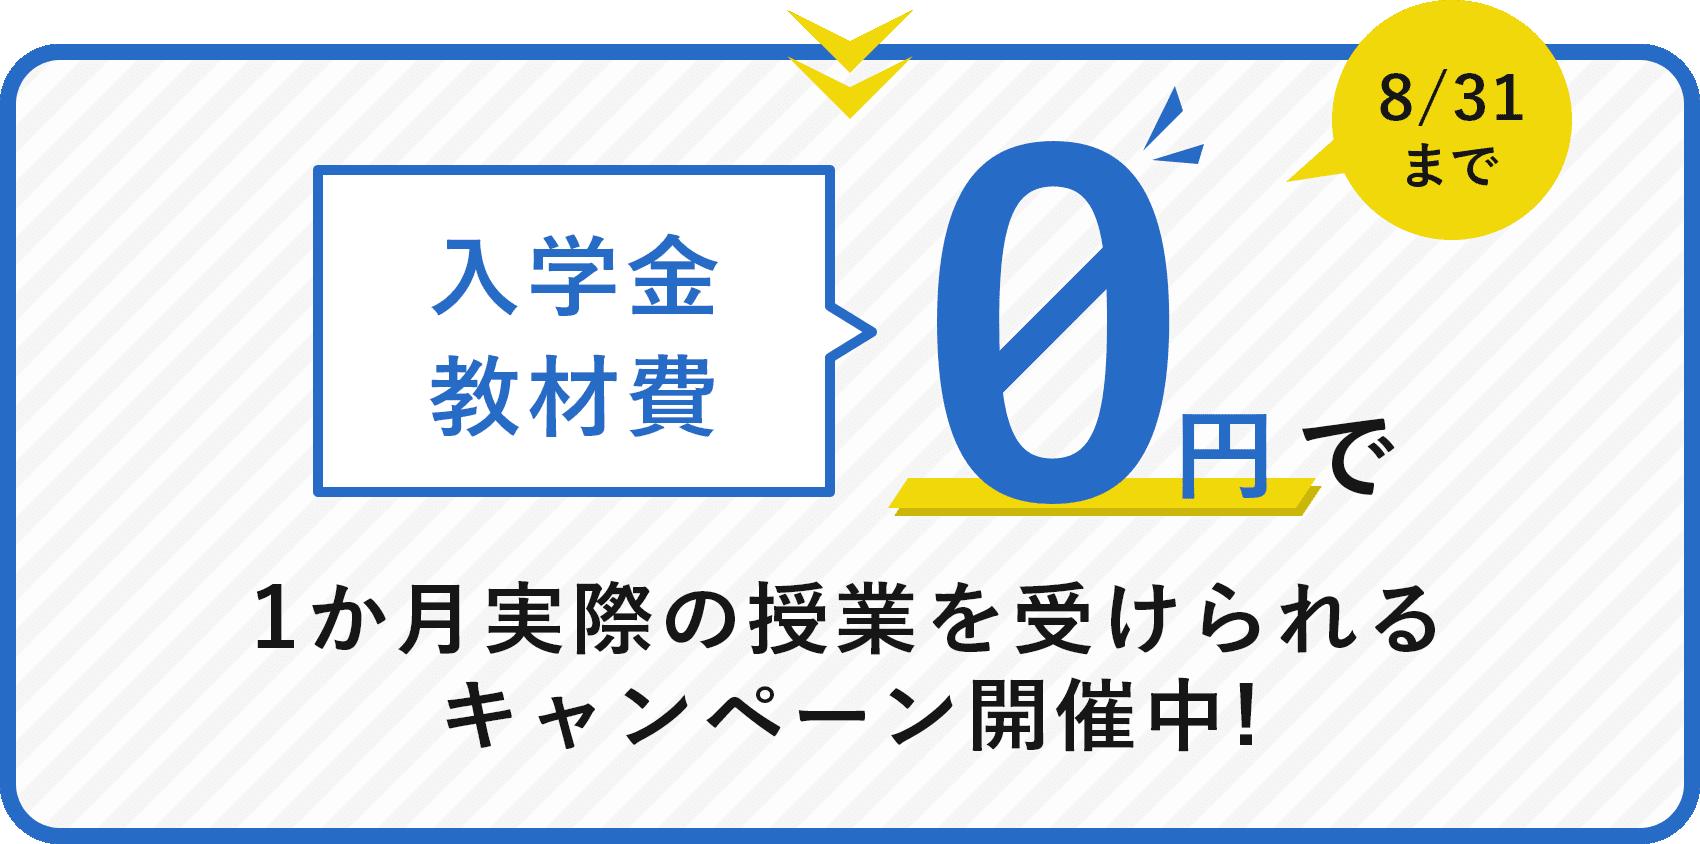 入学金教材費0円で1か月実際の授業を受けられるキャンペーン開催中!